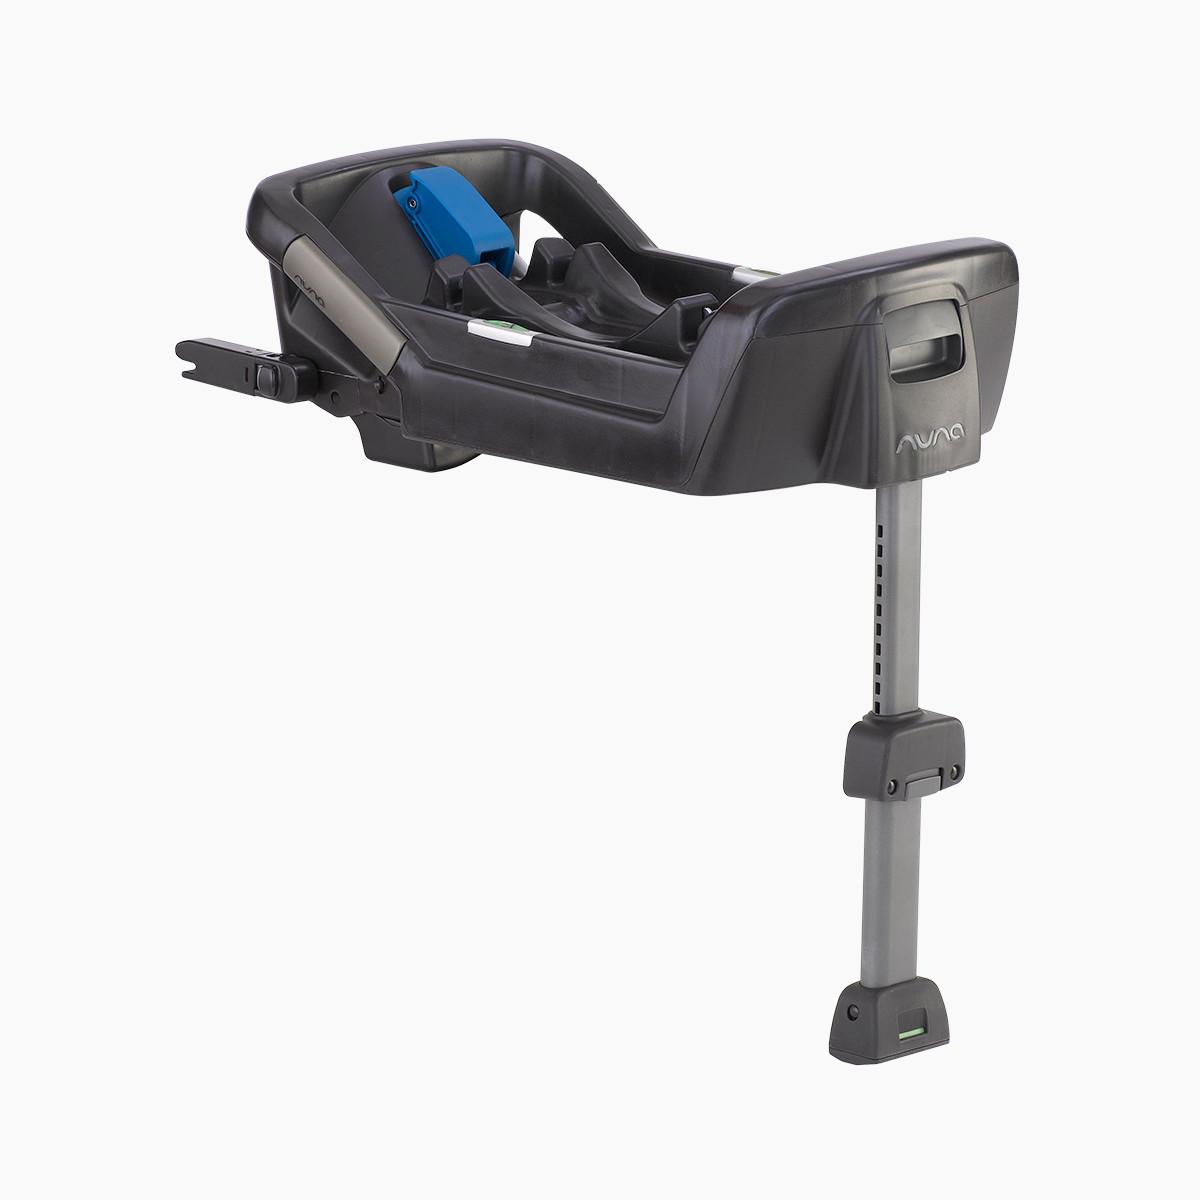 Nuna Nuna Pipa Infant Car Seat Base